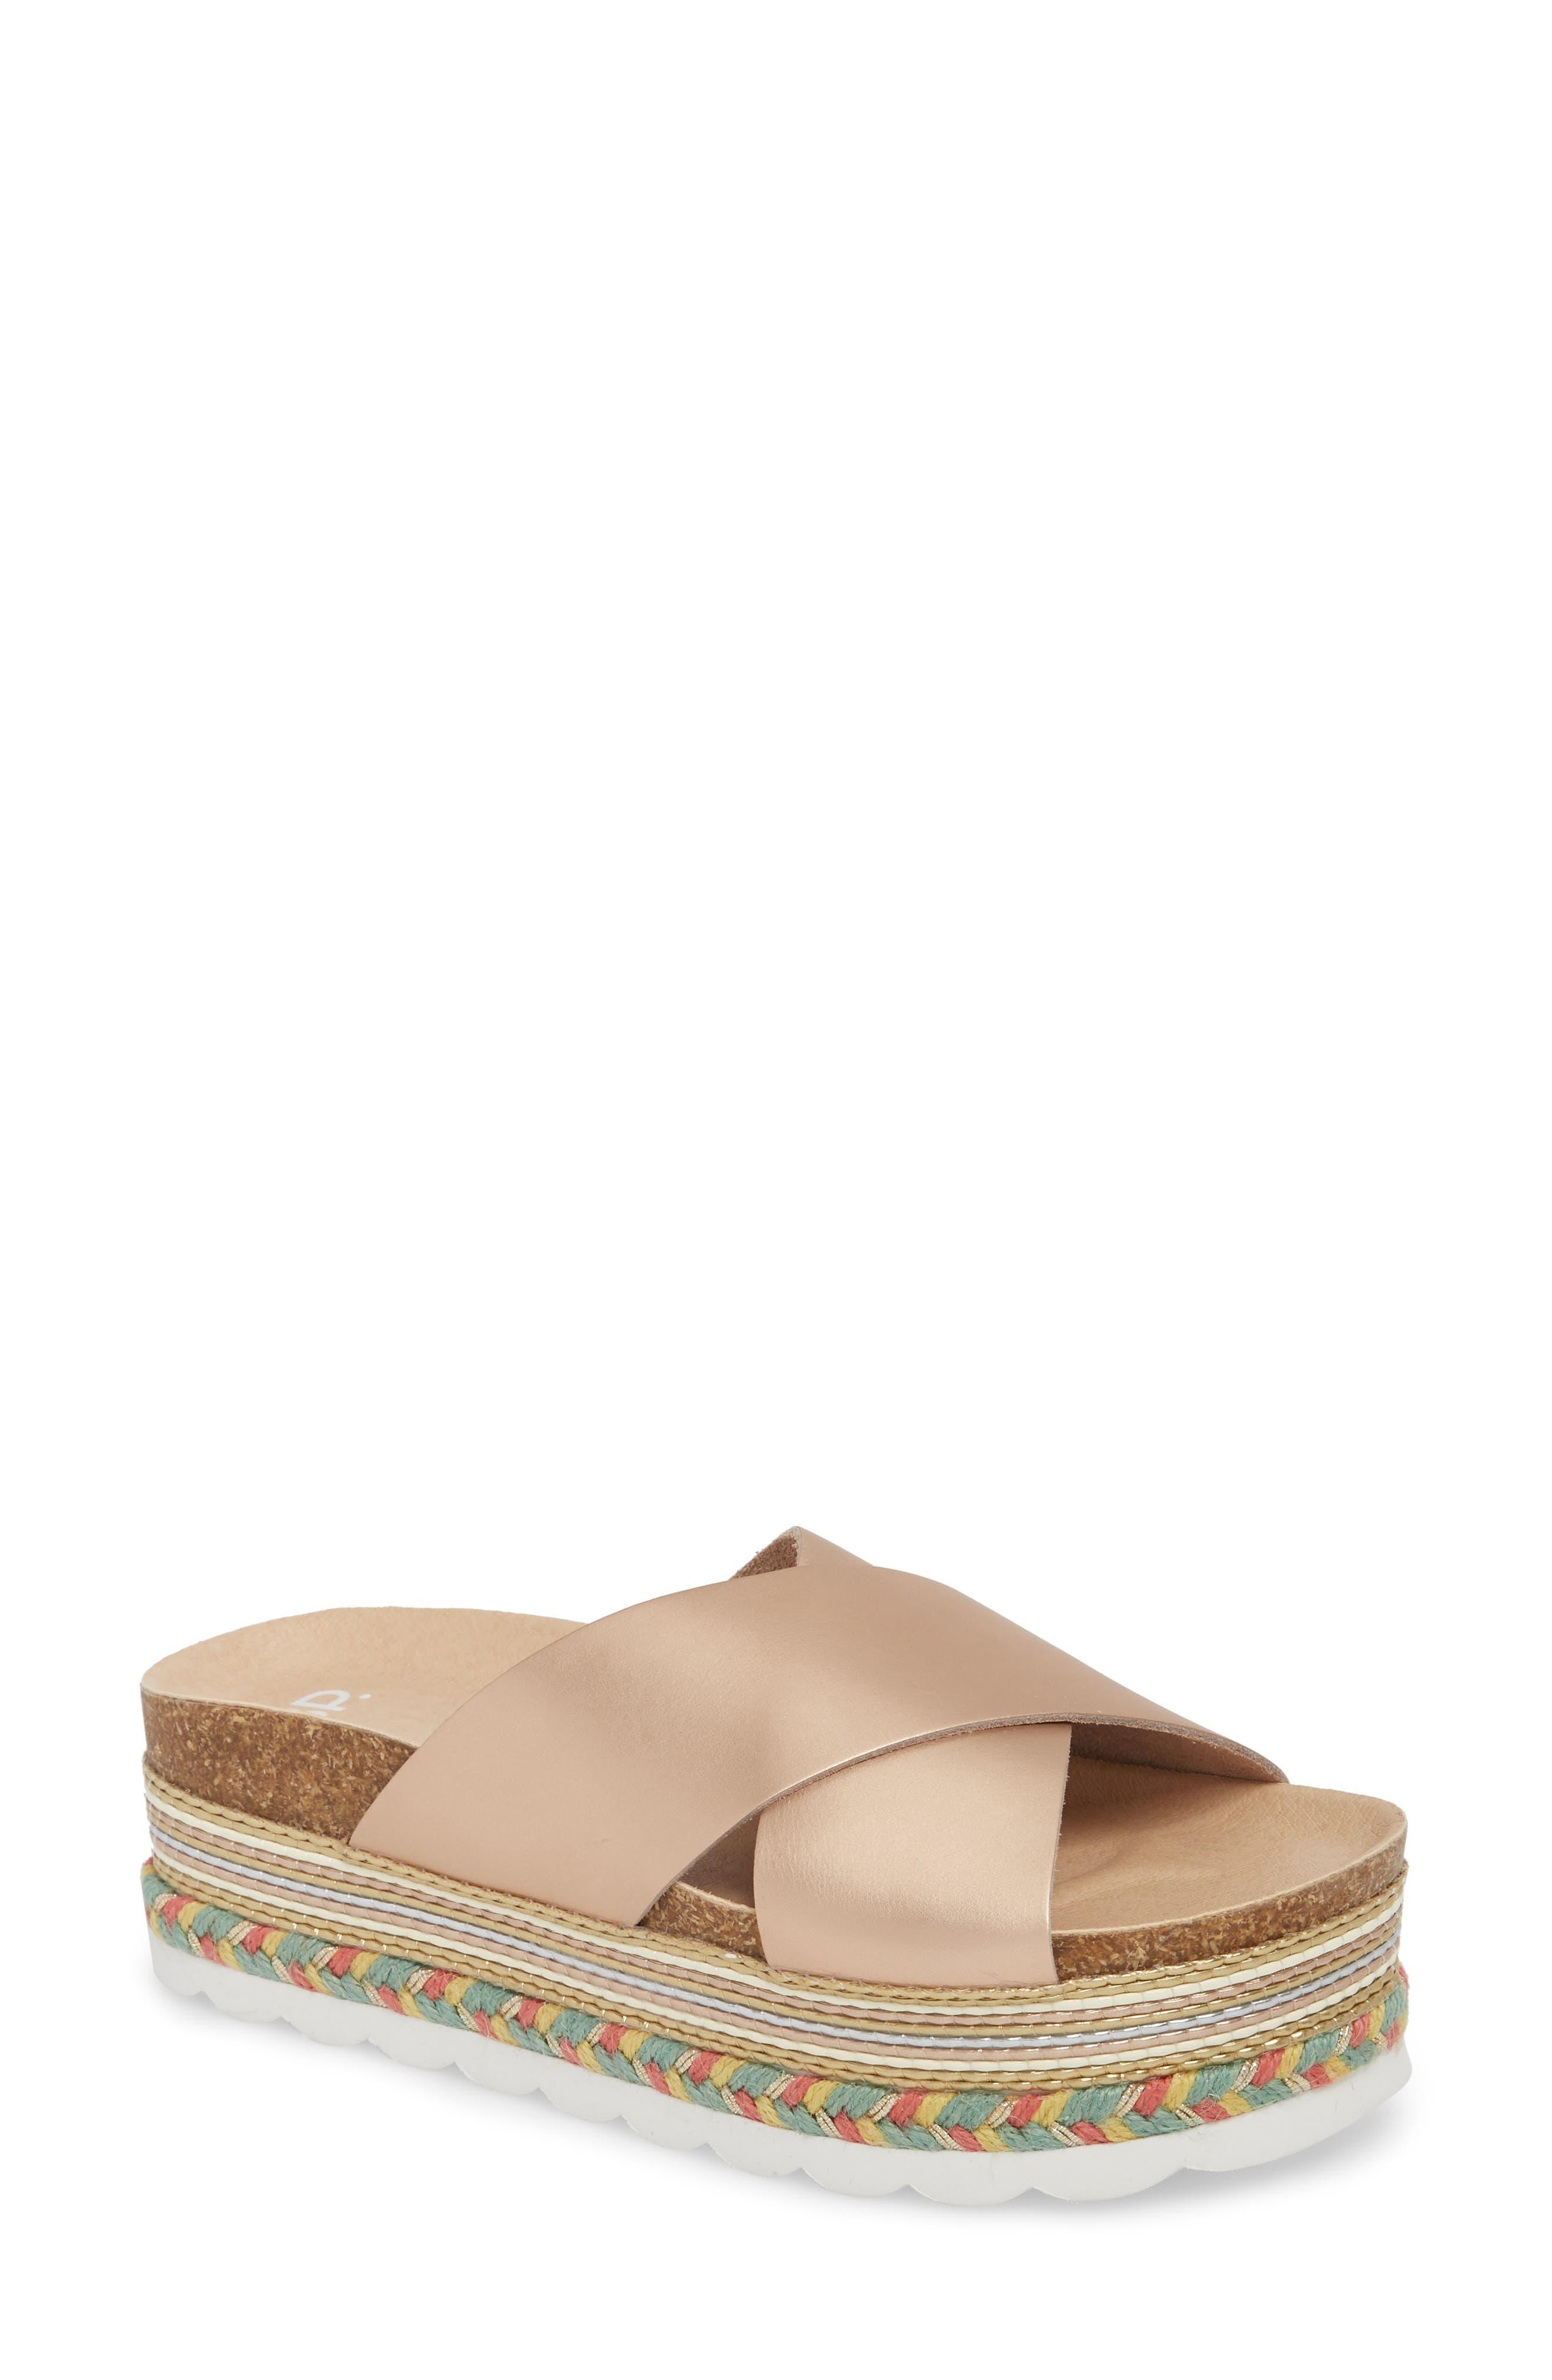 Torri Platform Slide Sandal,                         Main,                         color, Rose Gold Leather